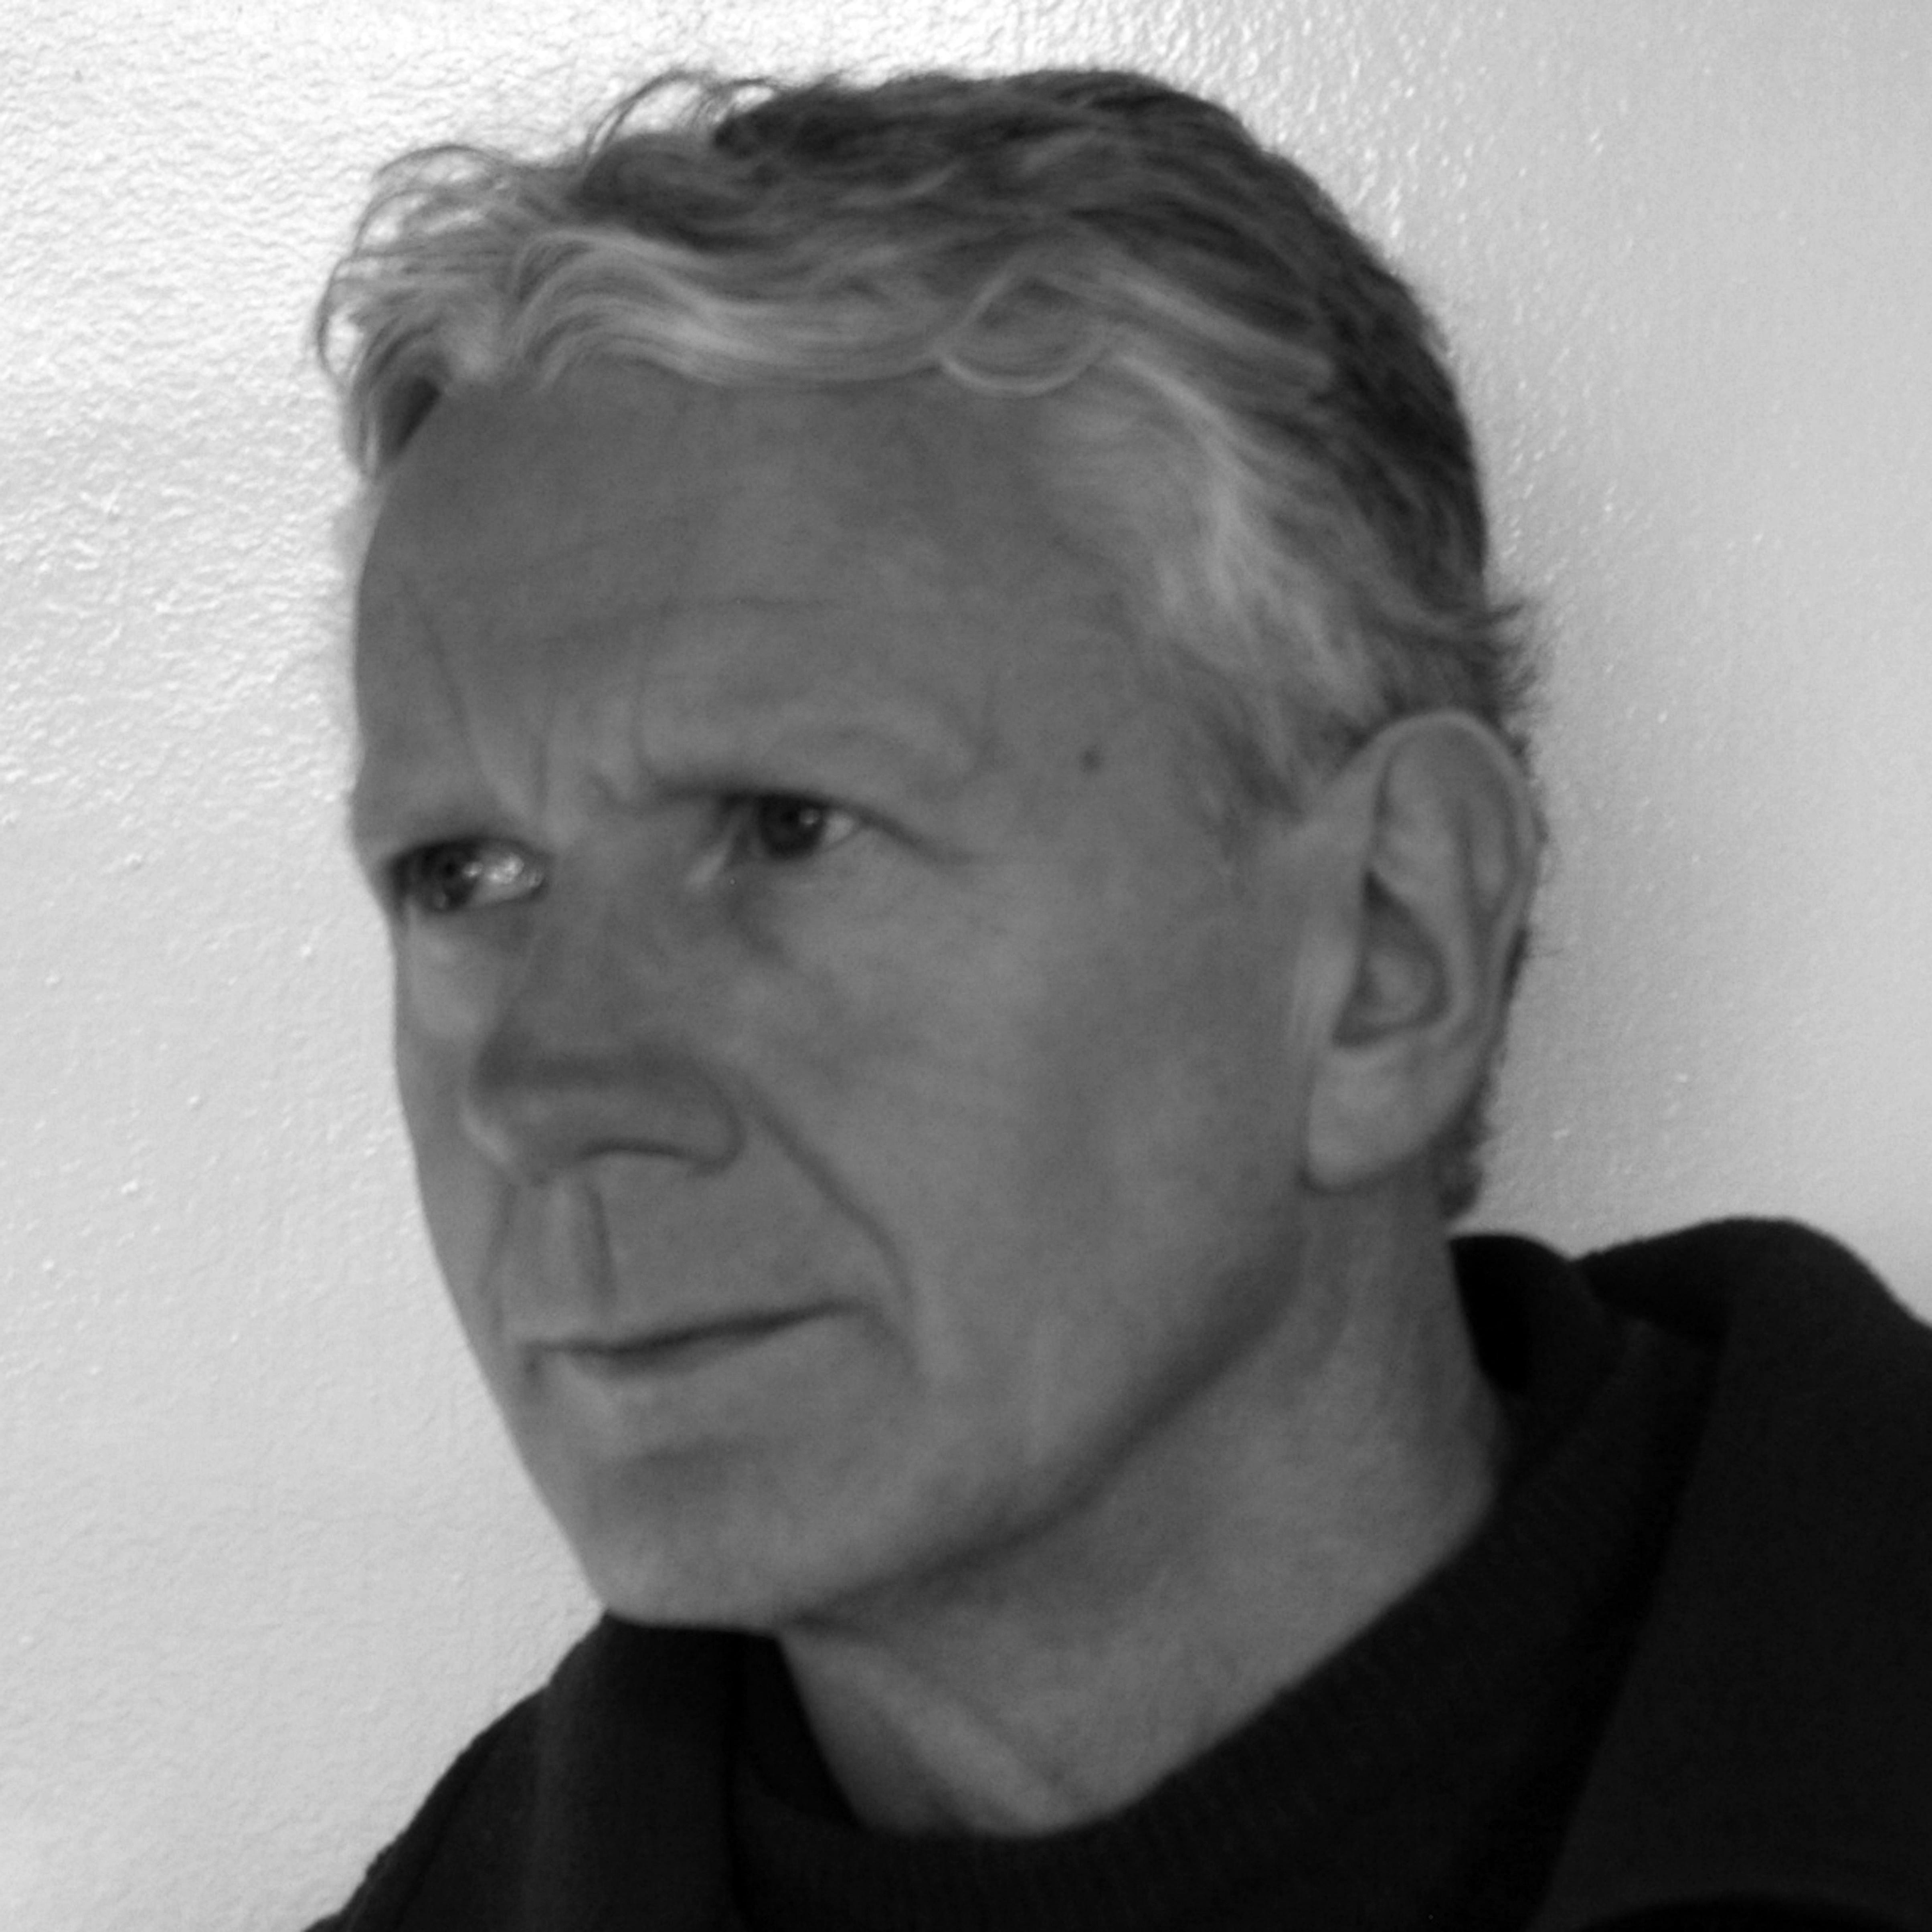 Alistair Macintyre